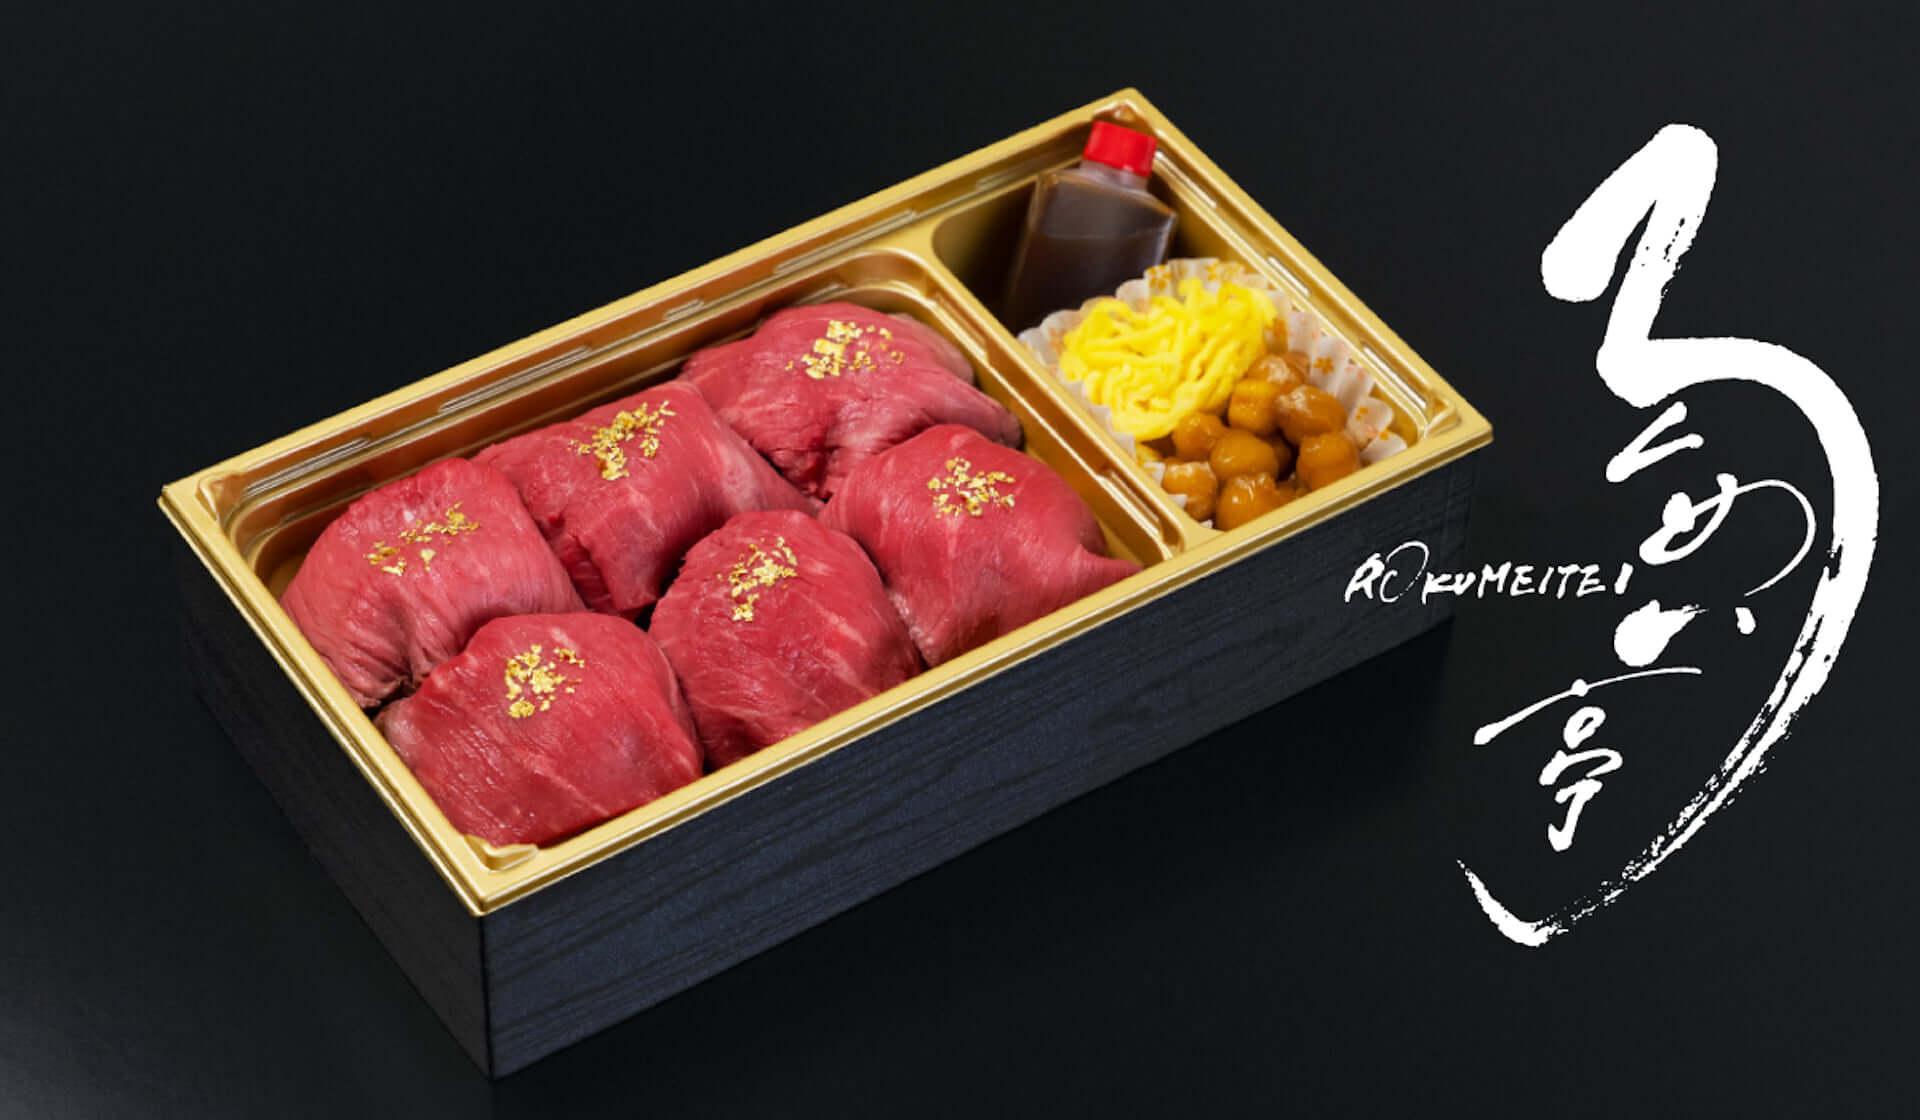 おうちで極上弁当!元祖ローストビーフ手毬寿司「ろくめい亭」が宅配専門販売を開始 gourmet200605_rokumeitei_1-1920x1120